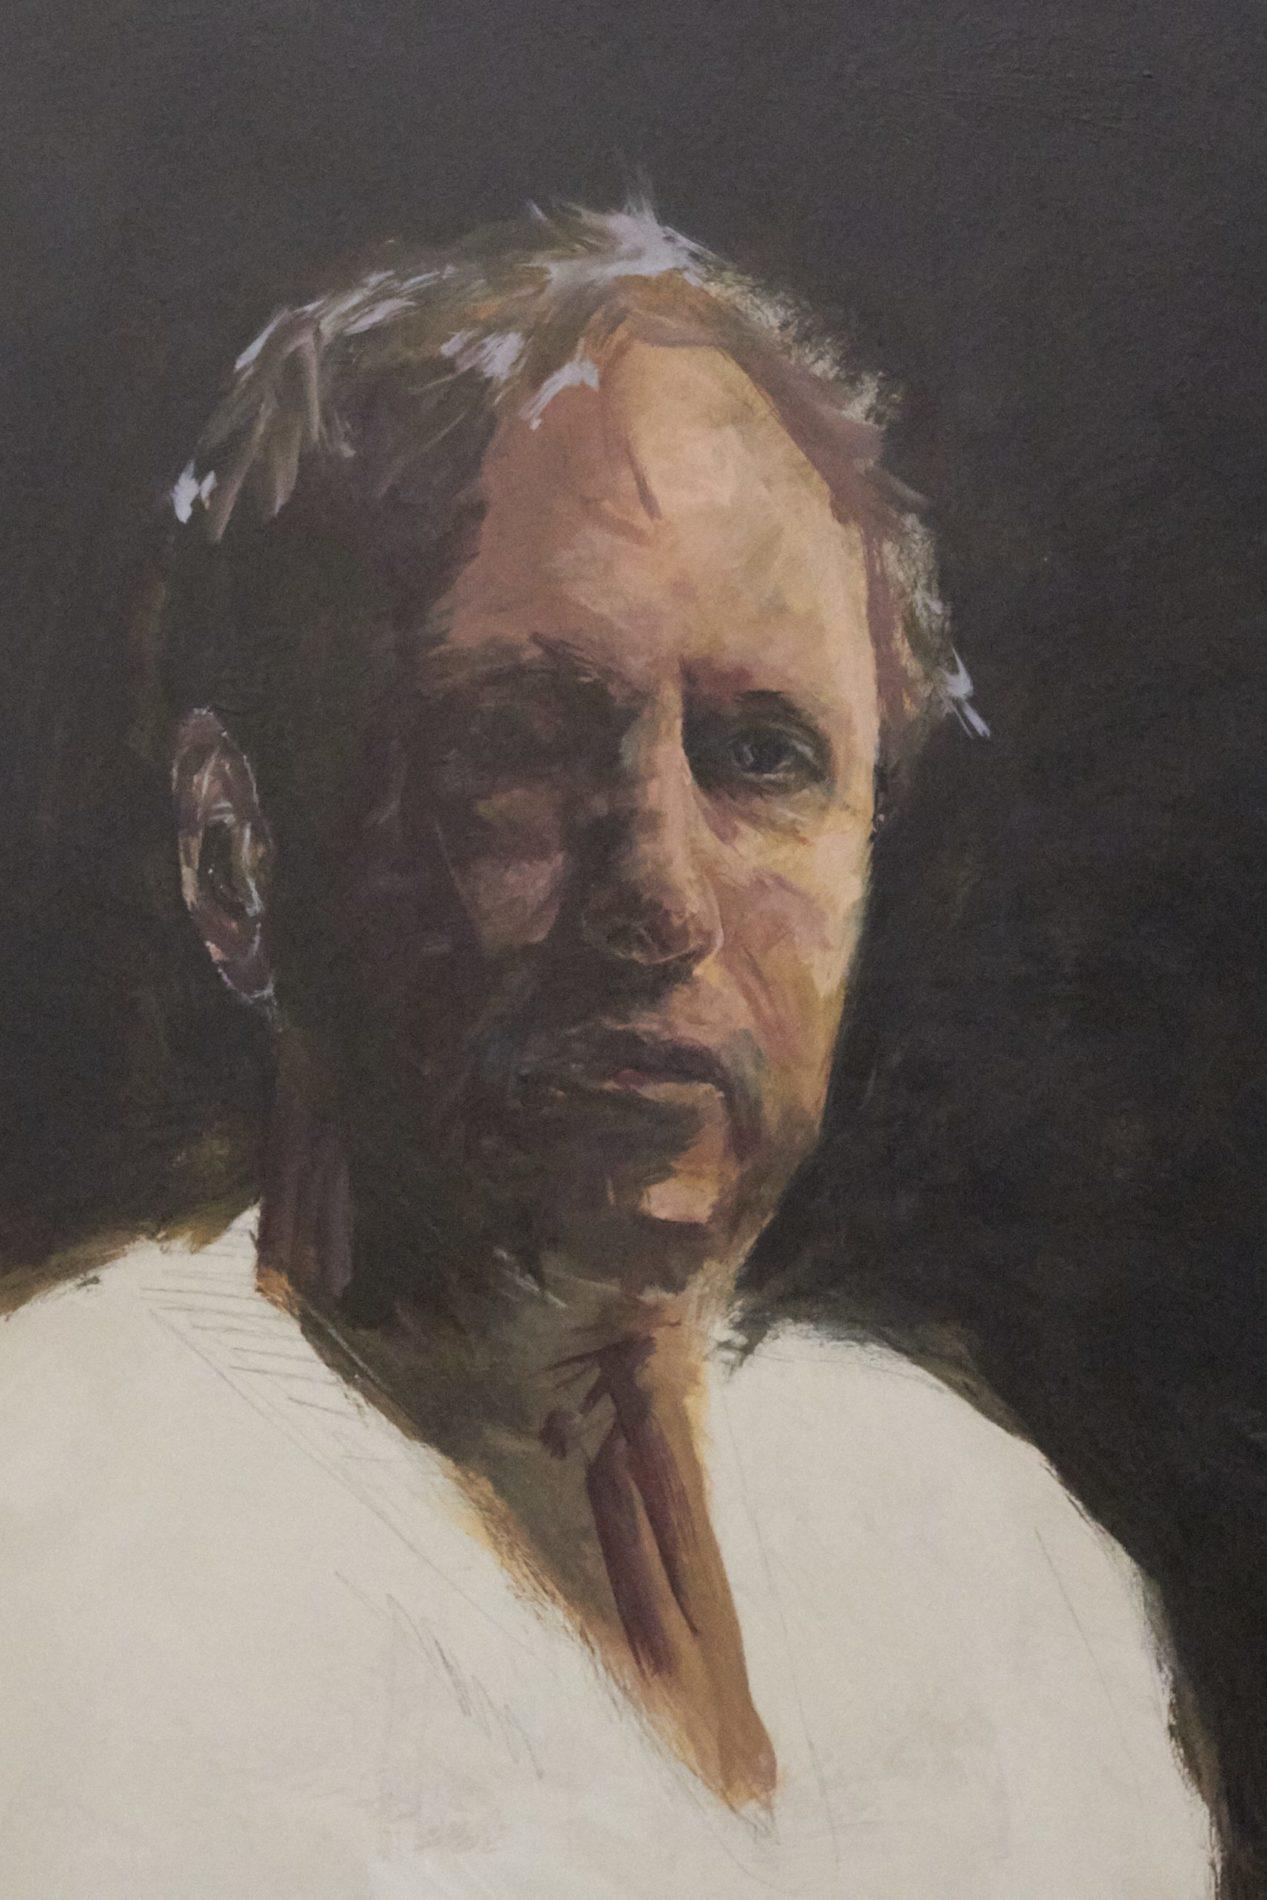 Jeroen Self Portrait - Process-9. ©Jeroen Carelse